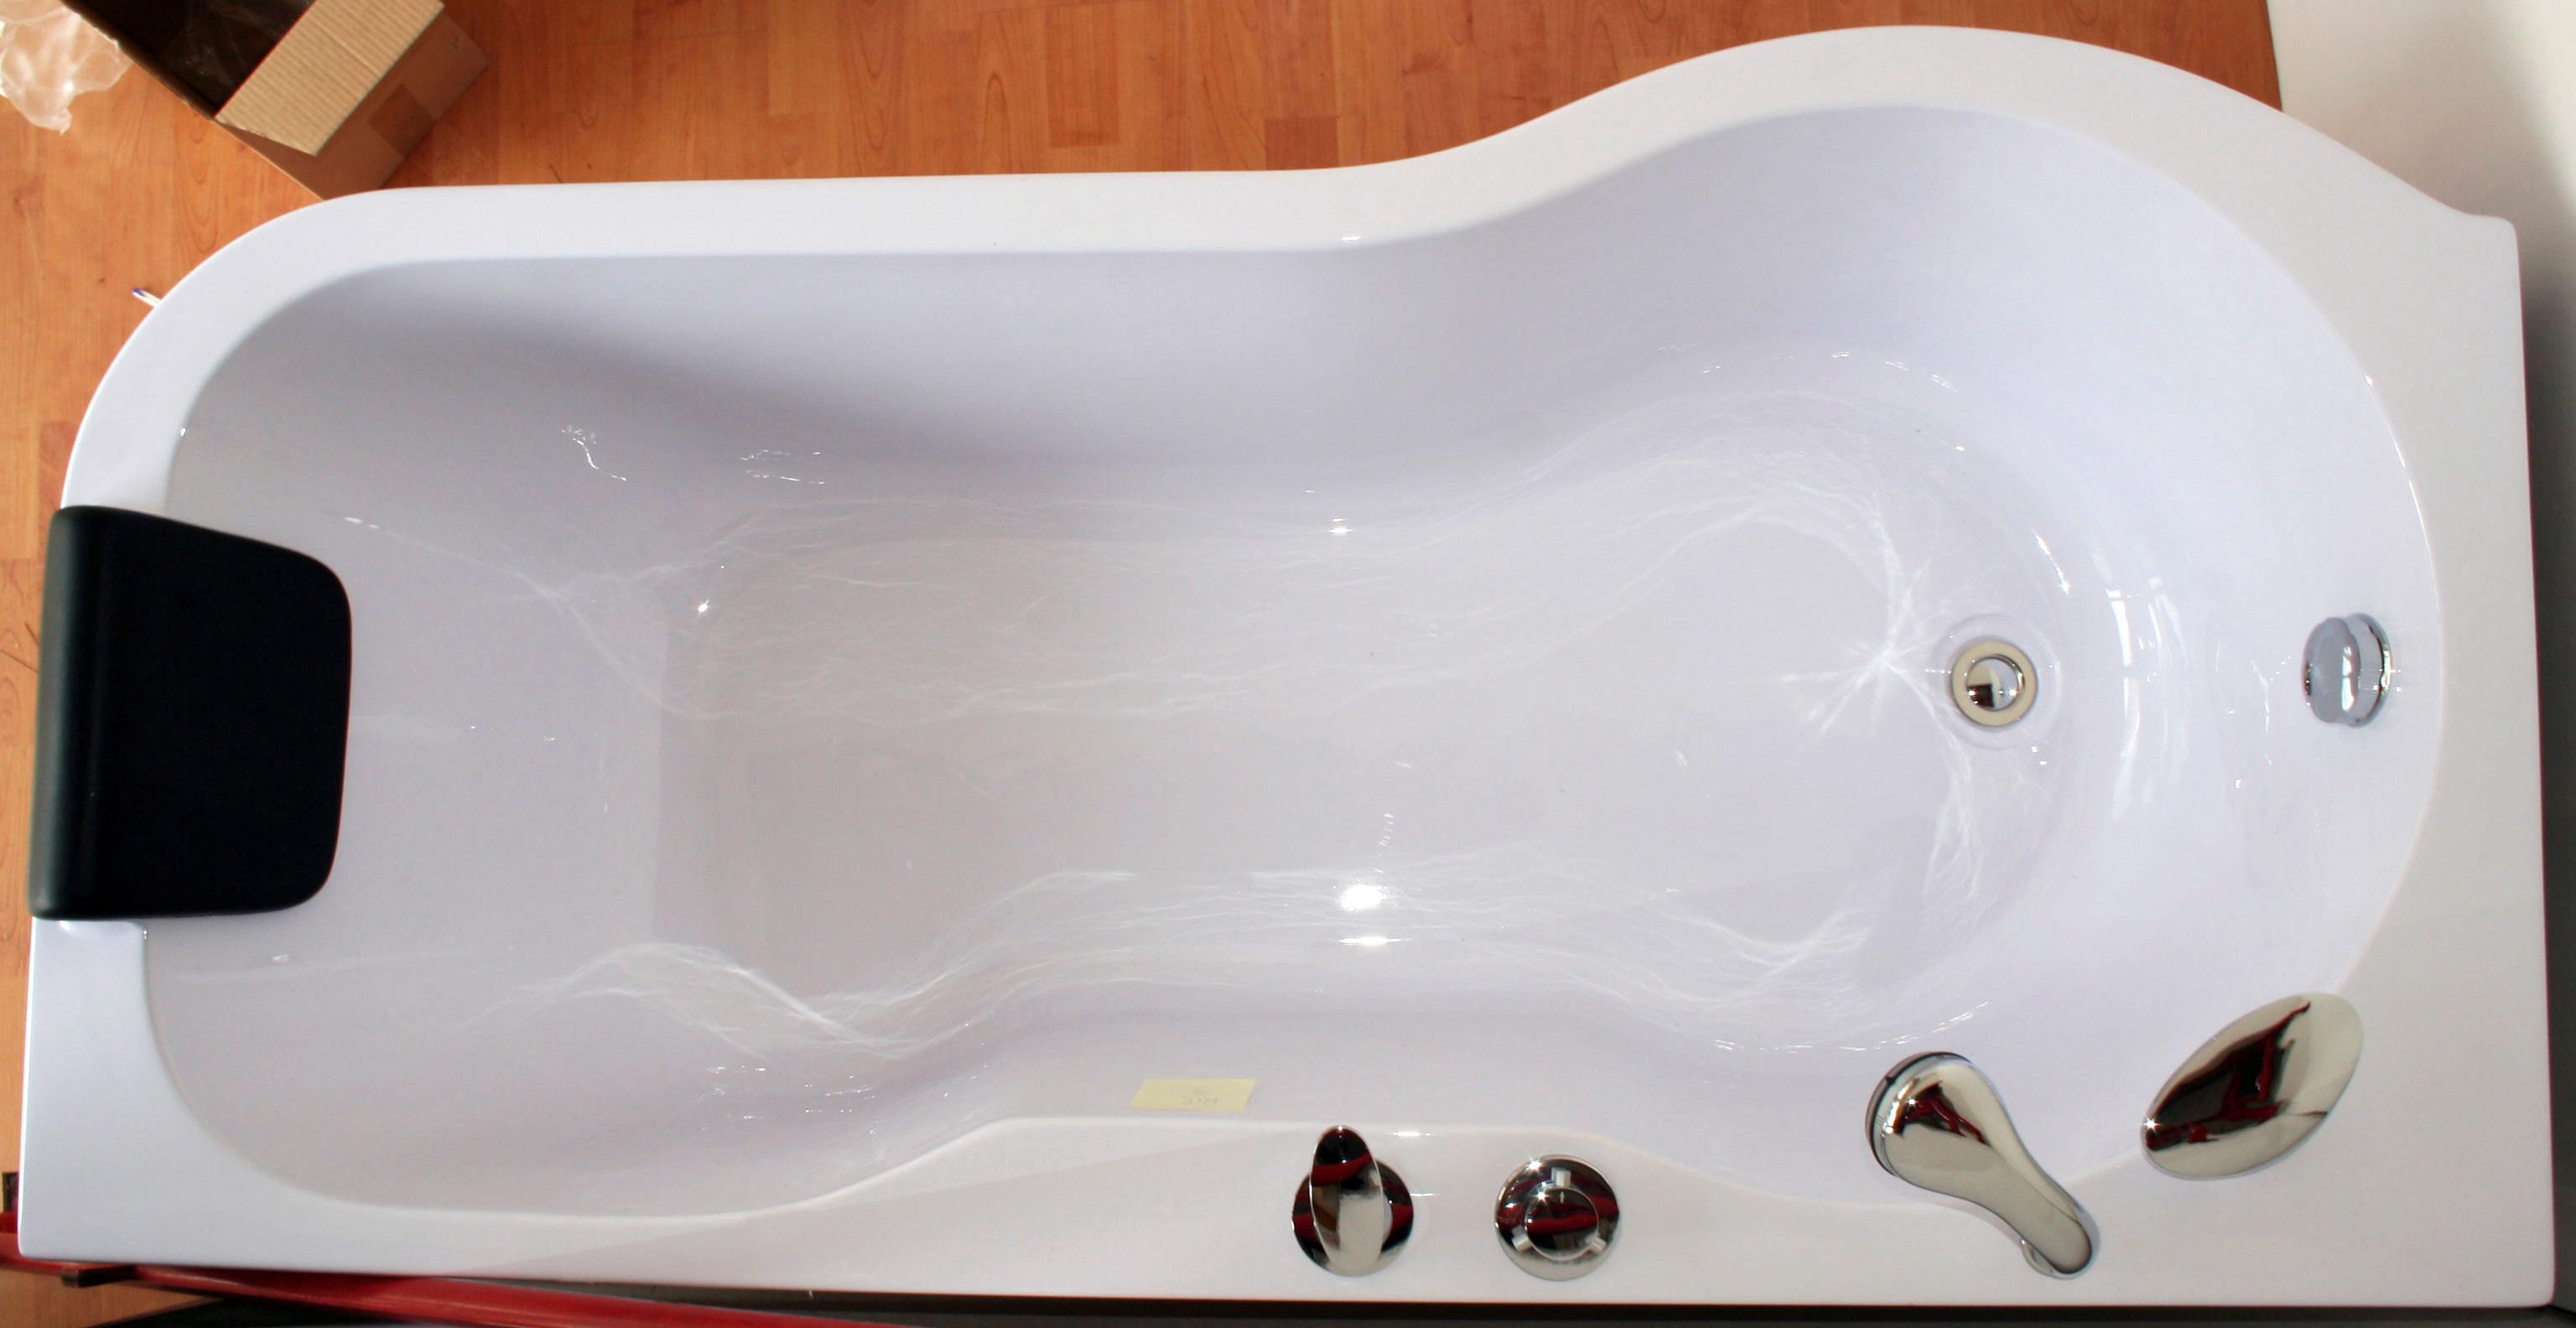 Vasca Da Bagno Angolare Offerte : Rif vasca da bagno angolare sinistra box doccia